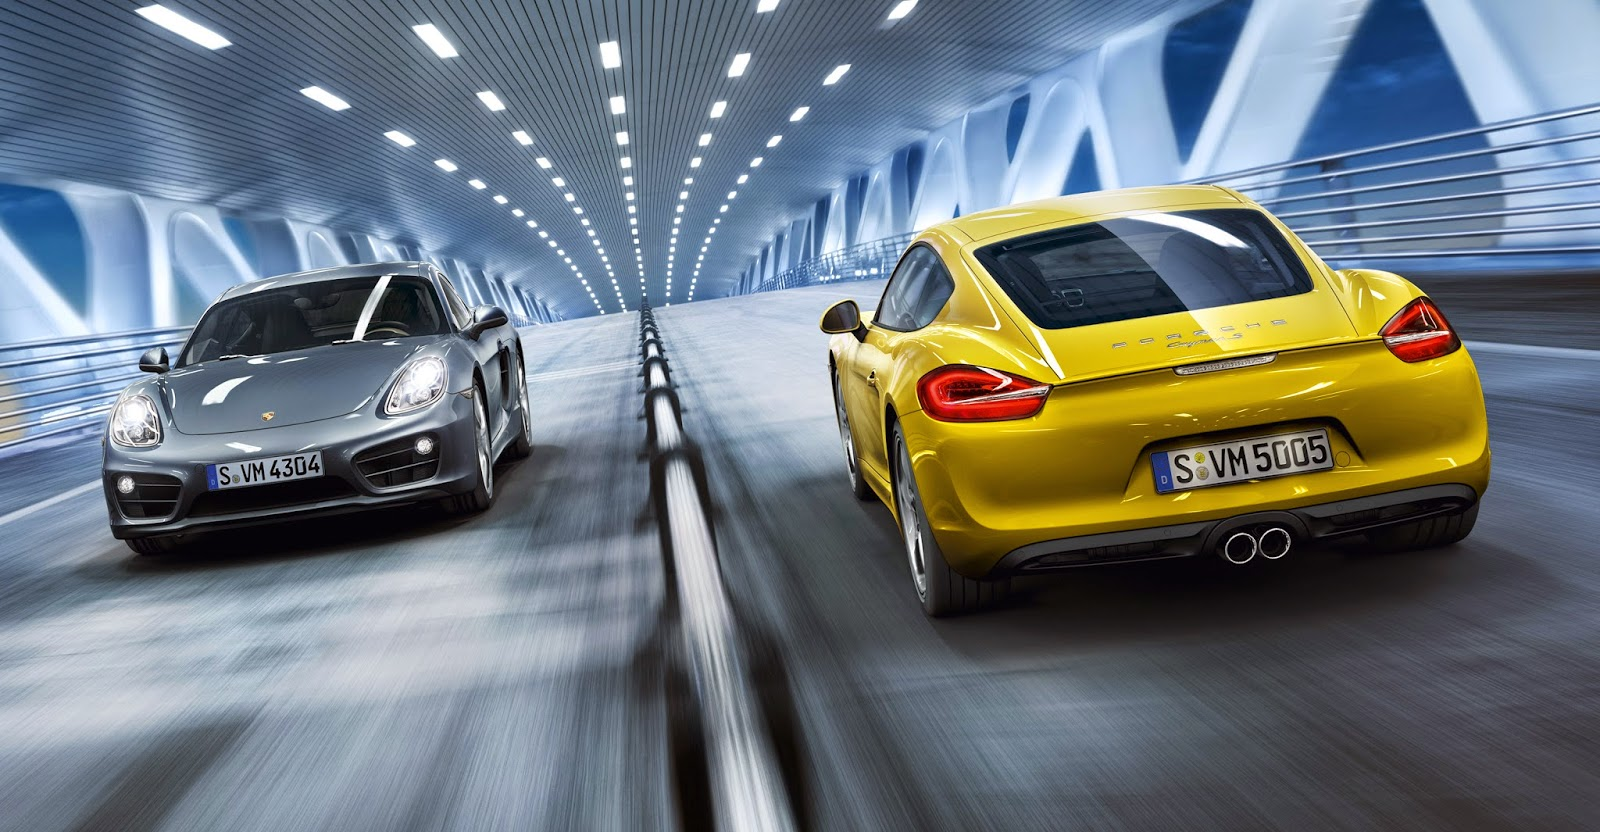 204 New Porsche Cayman HD Photo